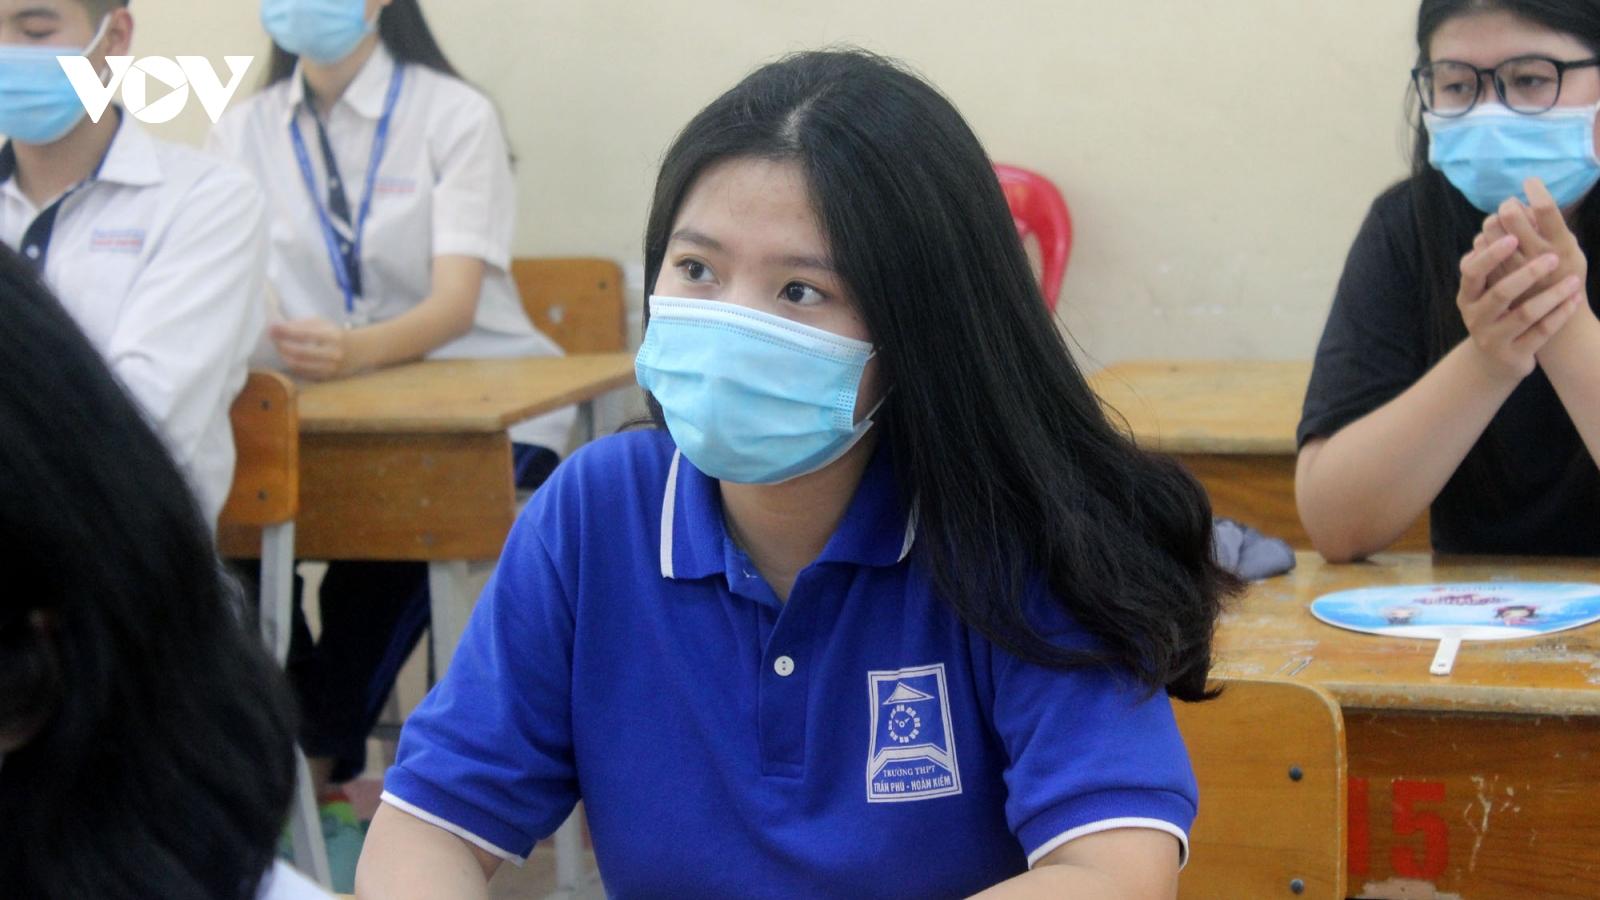 Bộ GD-ĐT yêu cầu sẵn sàng phương án tổ chức thi tốt nghiệp THPT trong bối cảnh dịch bệnh